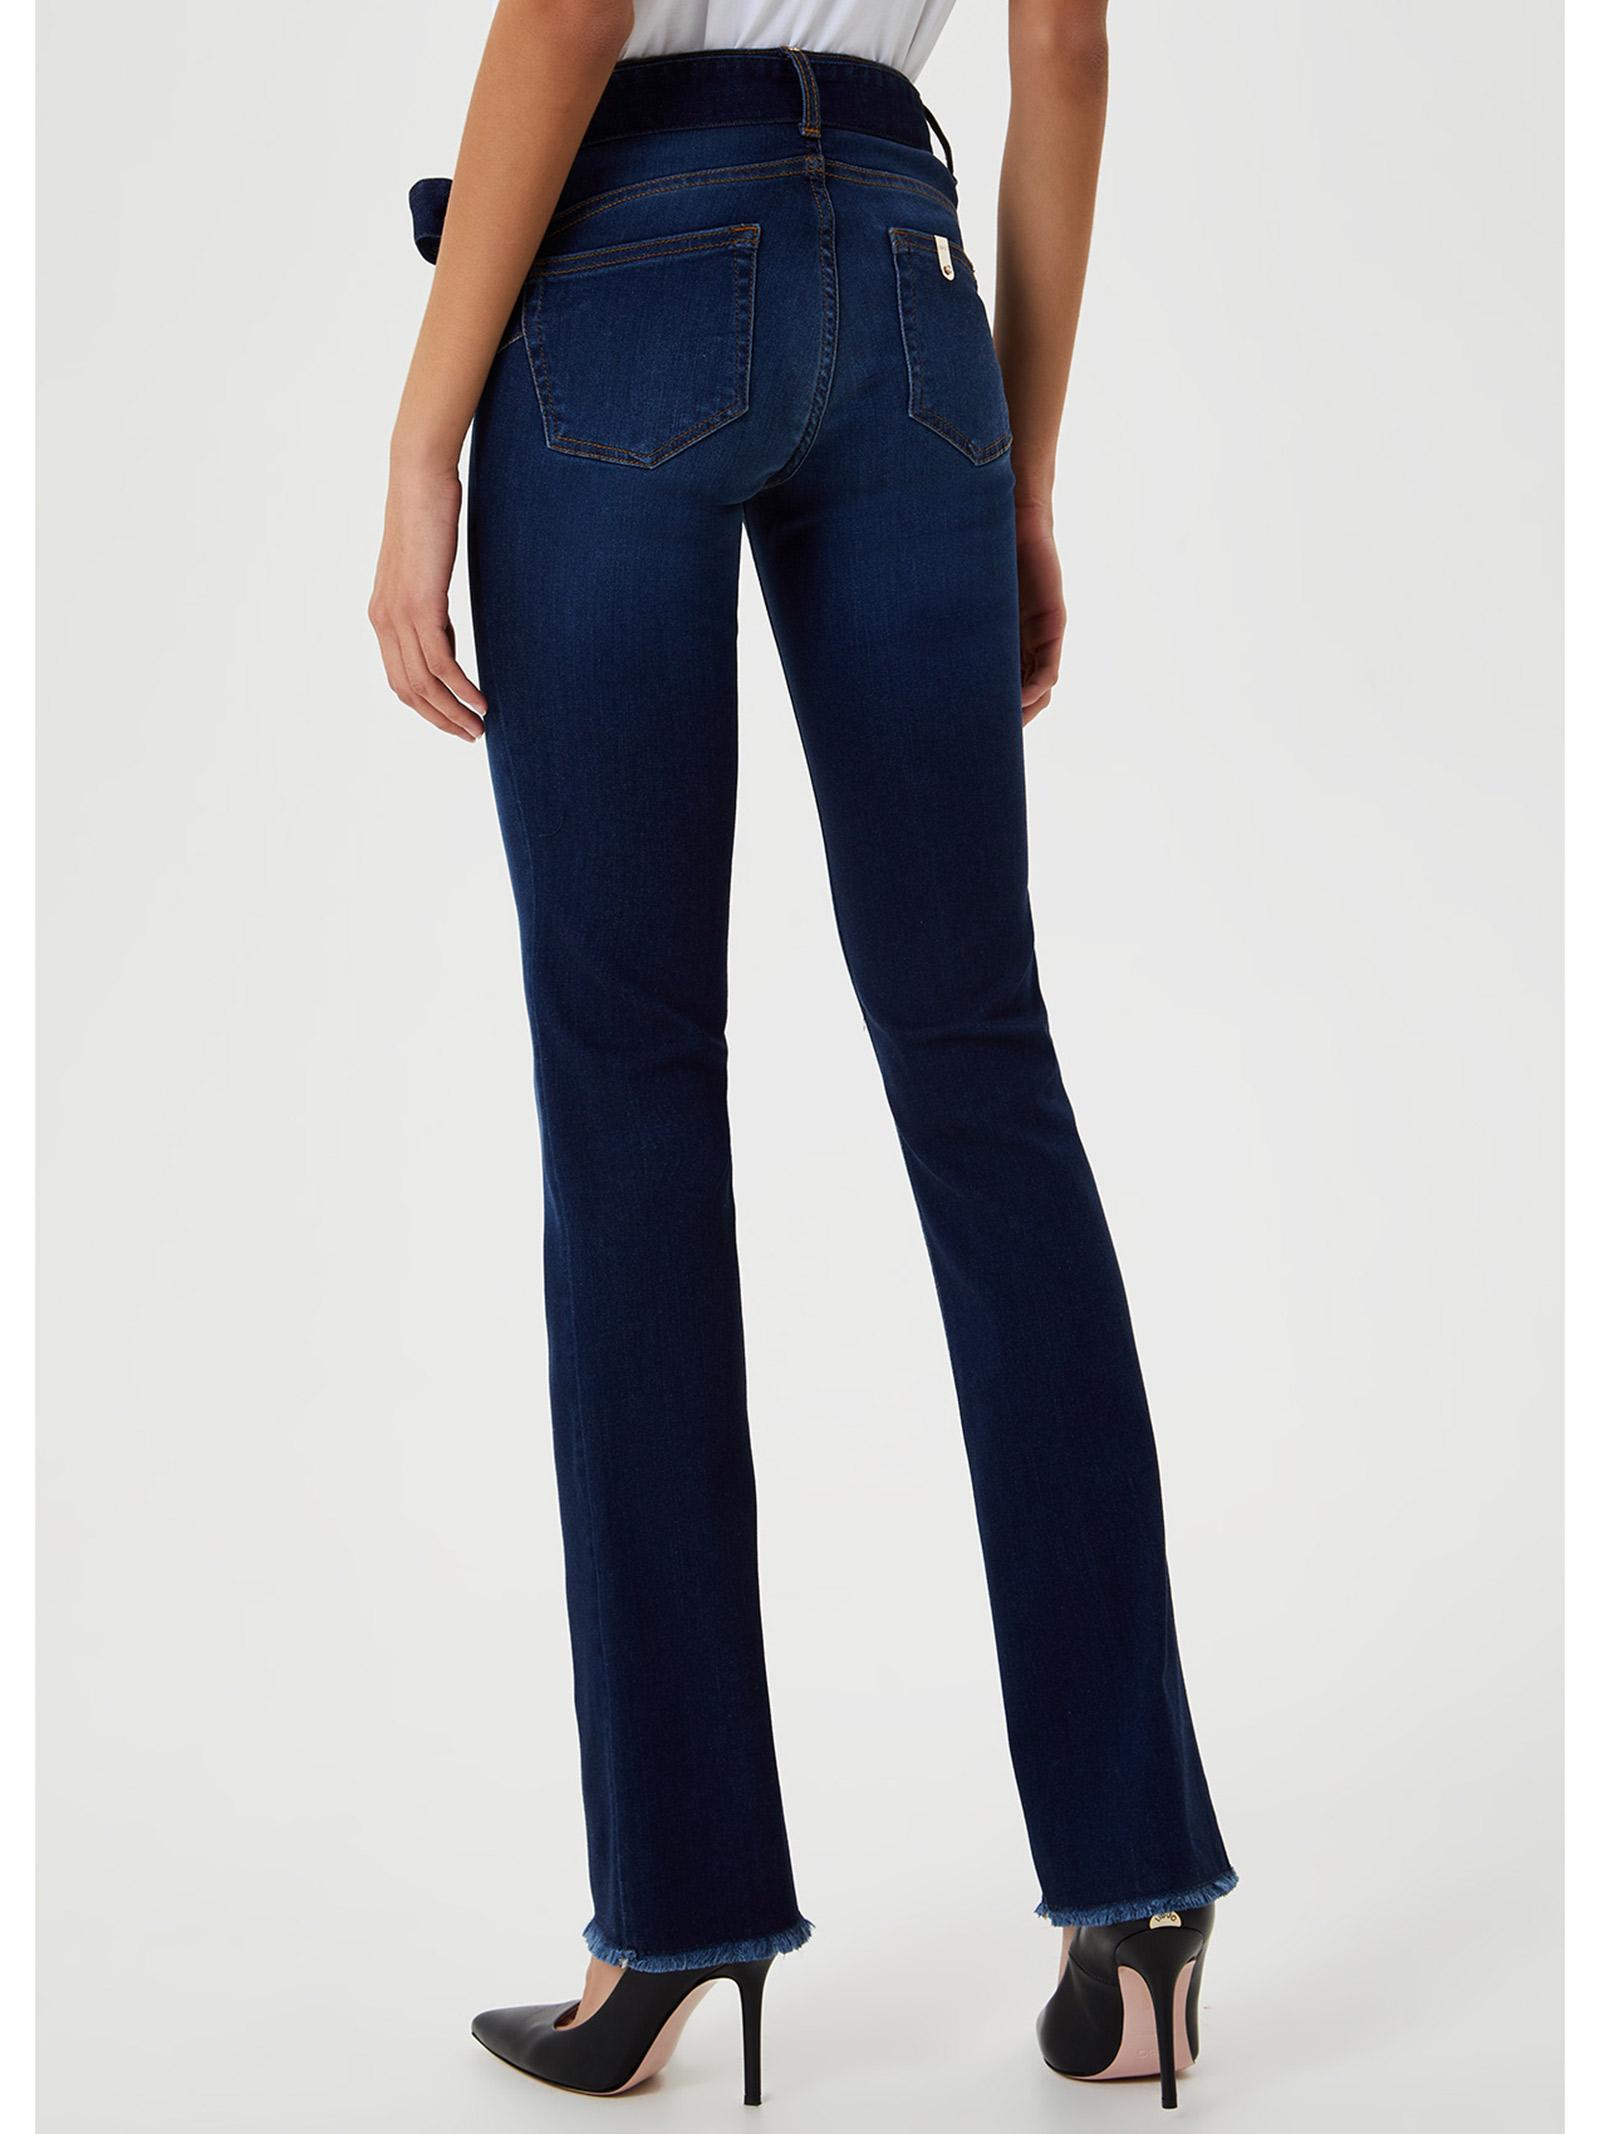 LIU JO   Jeans   UF0025D451078098